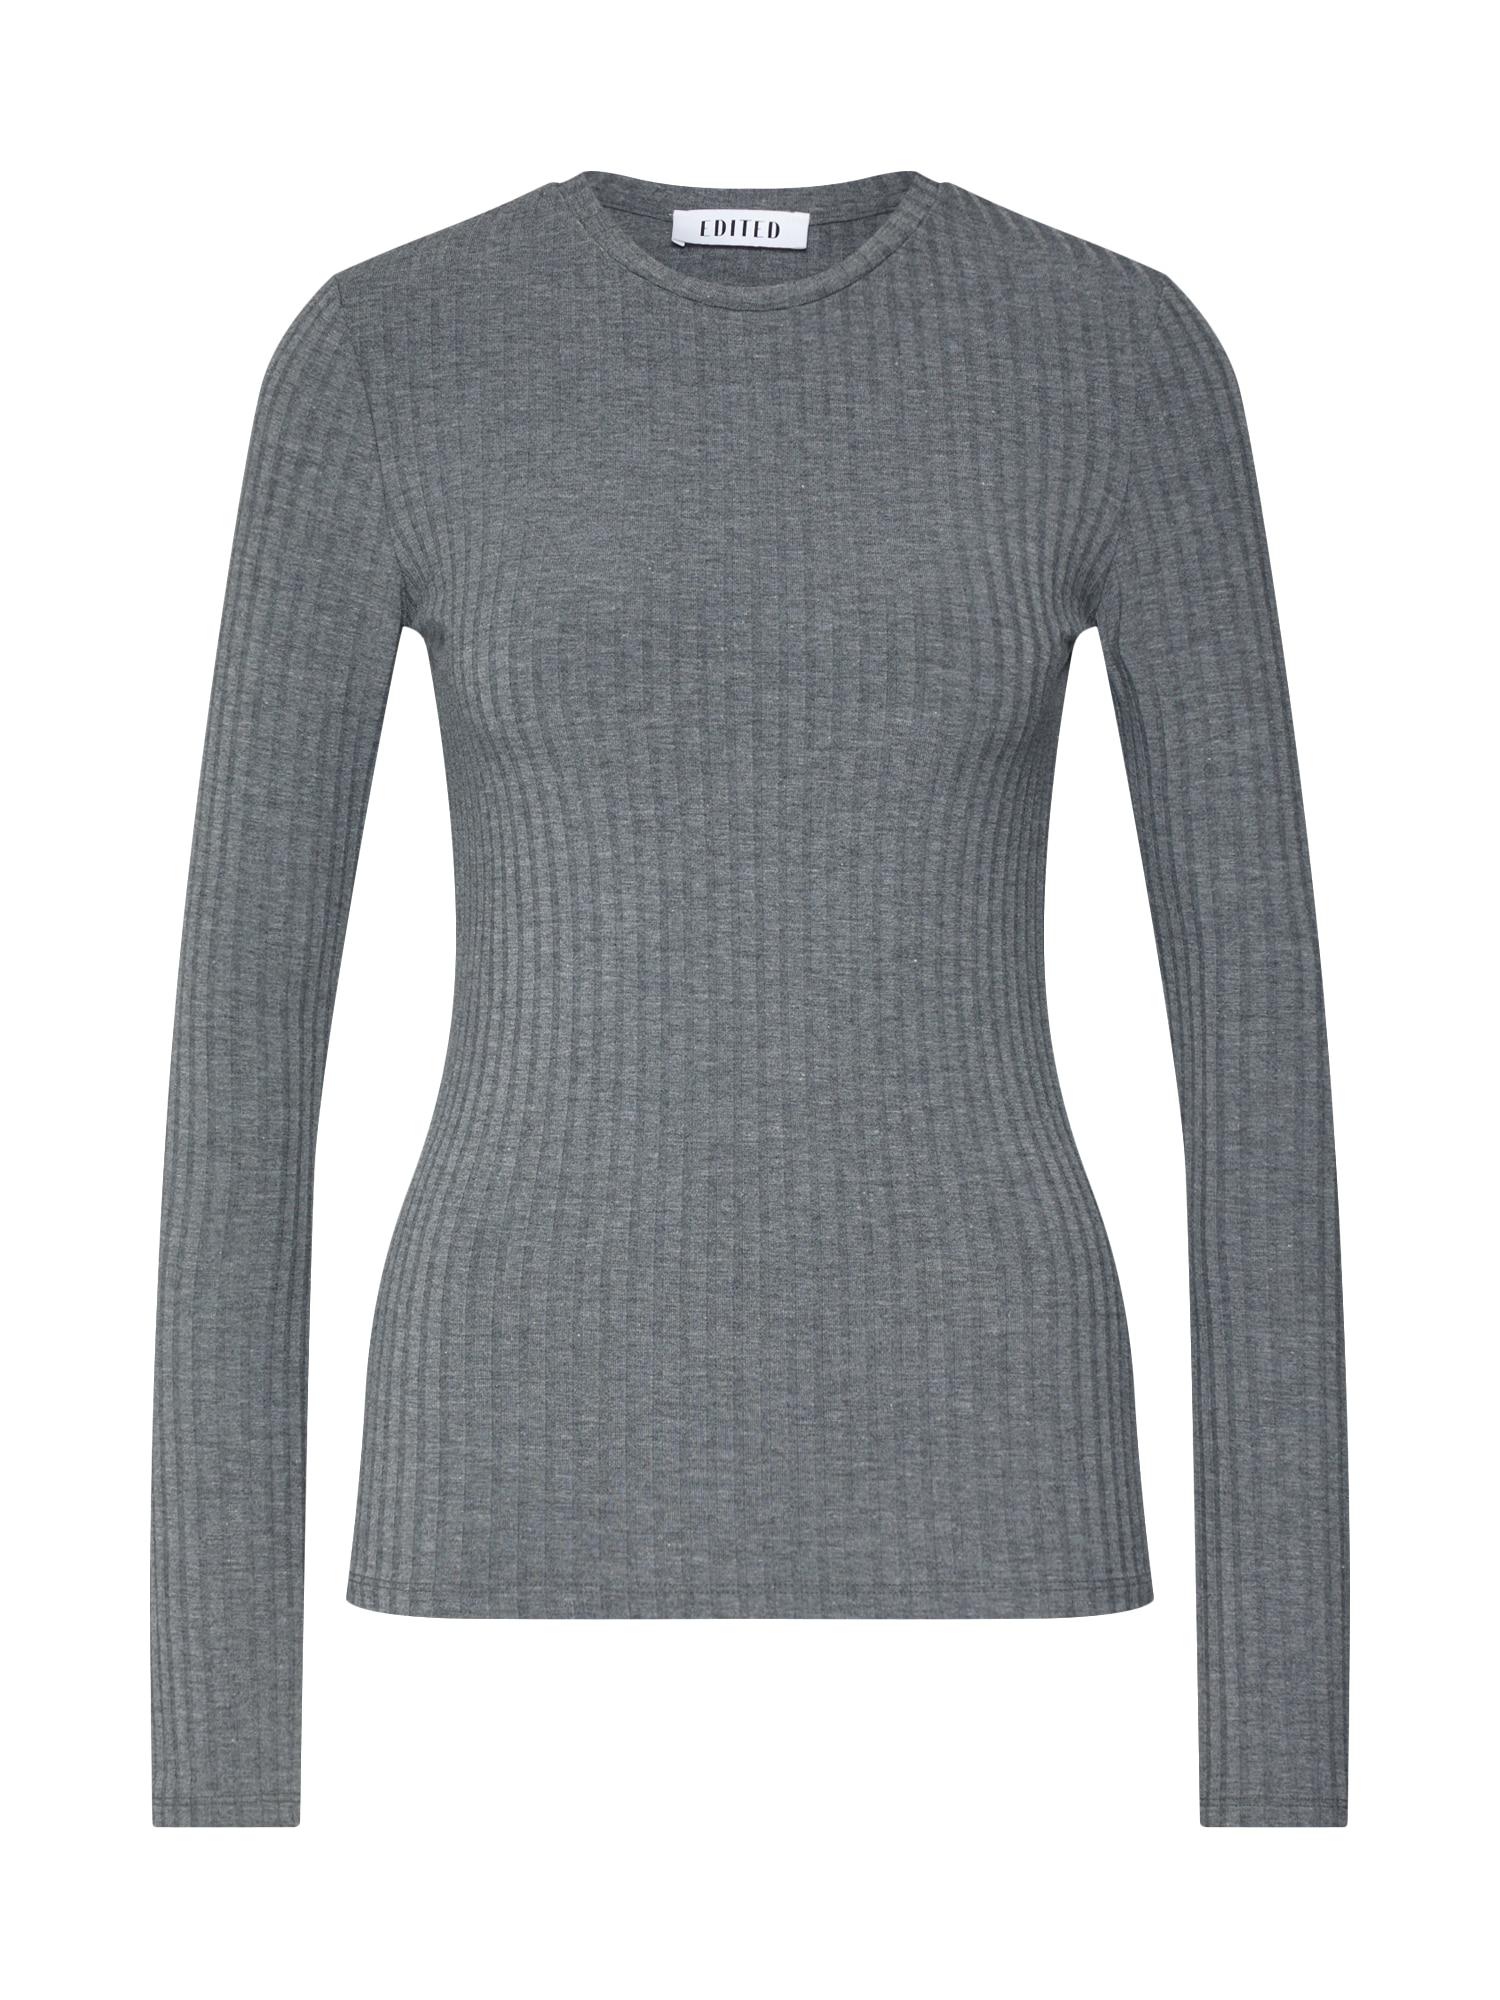 EDITED Marškinėliai 'Ginger' pilka